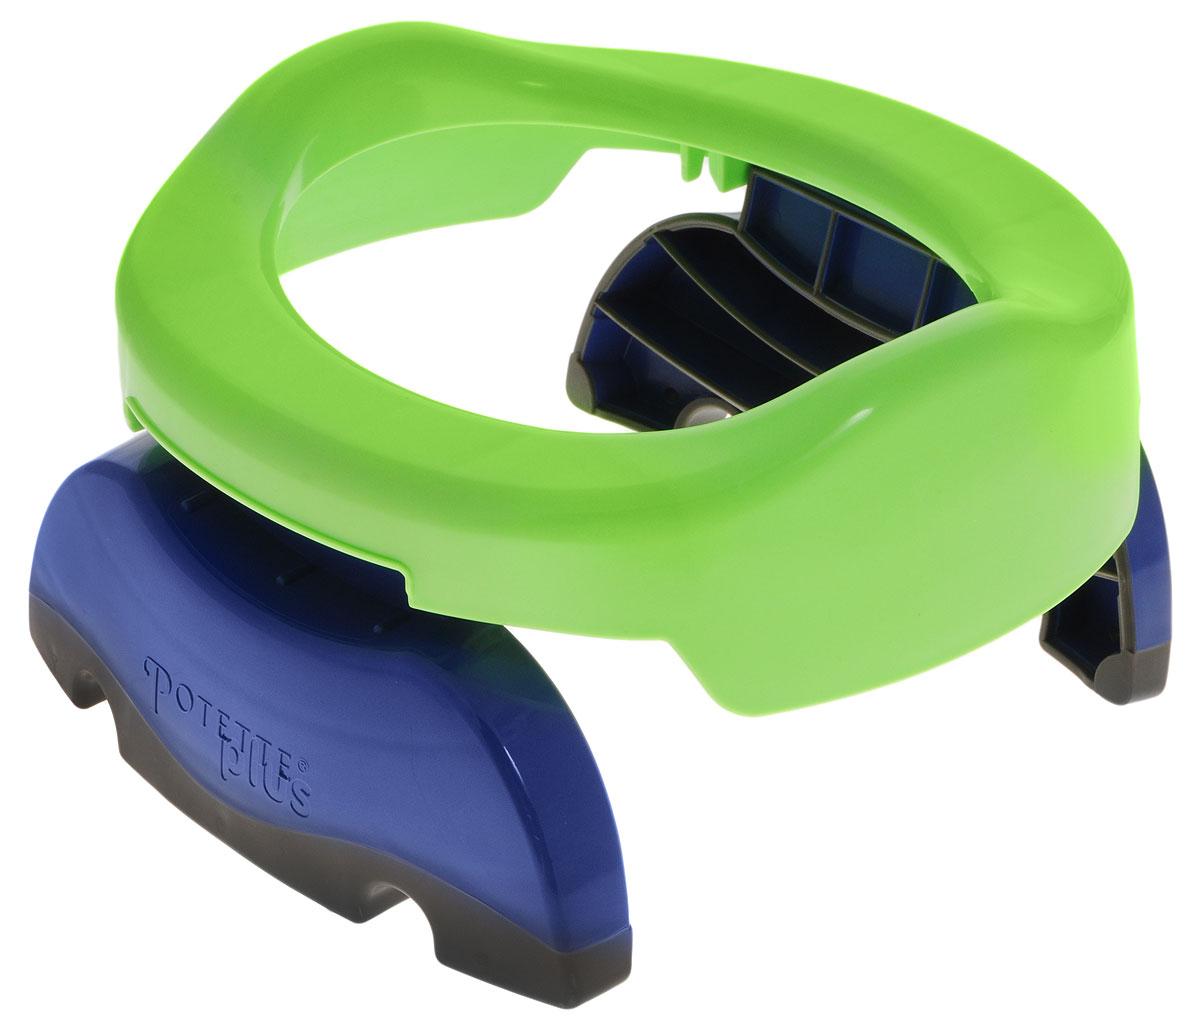 Дорожный горшок Potette Plus, цвет: зеленый23011Уникальный дорожный горшок Potette Plus предназначен для детей от 15 месяцев, который может стать незаменимым помощником для родителей в дороге. Детский дорожный горшок оснащен складными ножками и удобным сиденьем, на которое с легкостью устанавливаются специальные пакеты с впитывающим слоем. После использования пакет просто складывается и утилизируется как подгузник. Кроме того, горшочек легко трансформируется в удобное для ребенка сидение для унитаза с нескользящими ножками. В комплект с горшком входят три влагостойких пакета с впитывающим слоем. С дорожным горшком Potette Plus путешествие станет удобным и беззаботным для вас и вашего малыша. Характеристики: Материал: пластик, полиэтилен. Размер горшка (без учета ножек): 22,5 см x 21,5 см x 7 см. Изготовитель: Китай. Рекомендуем!